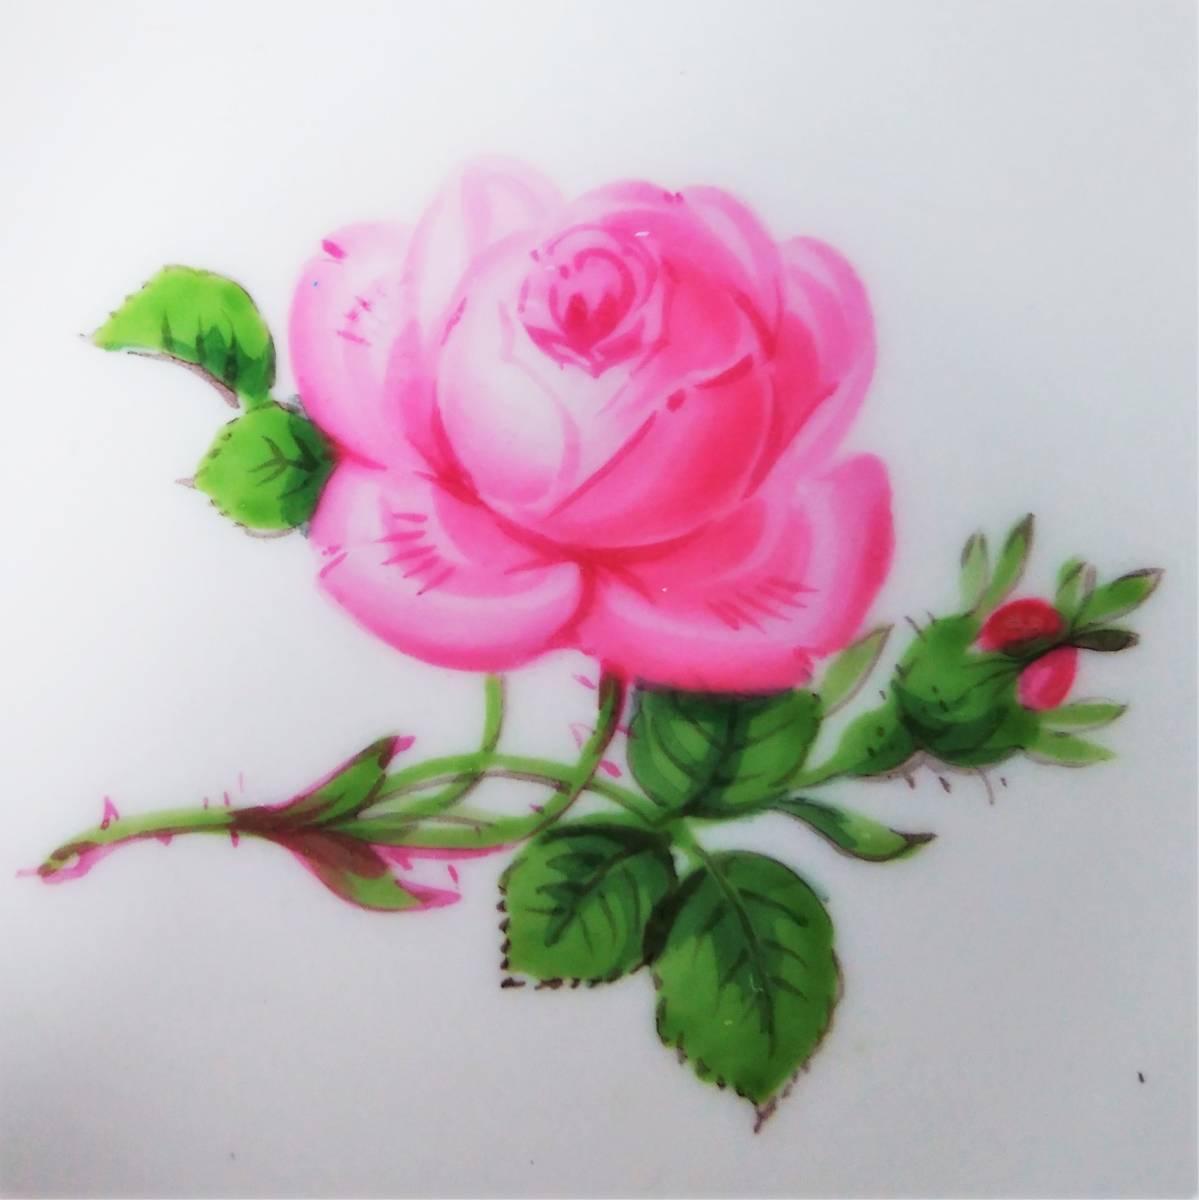 稀少◆Meissen マイセン ピンクローズ 皿 ミニプレート 8cm 2枚セット 119◆ピンクのバラ 薔薇 金彩 小皿 飾皿 デザートプレート ドイツ_画像4